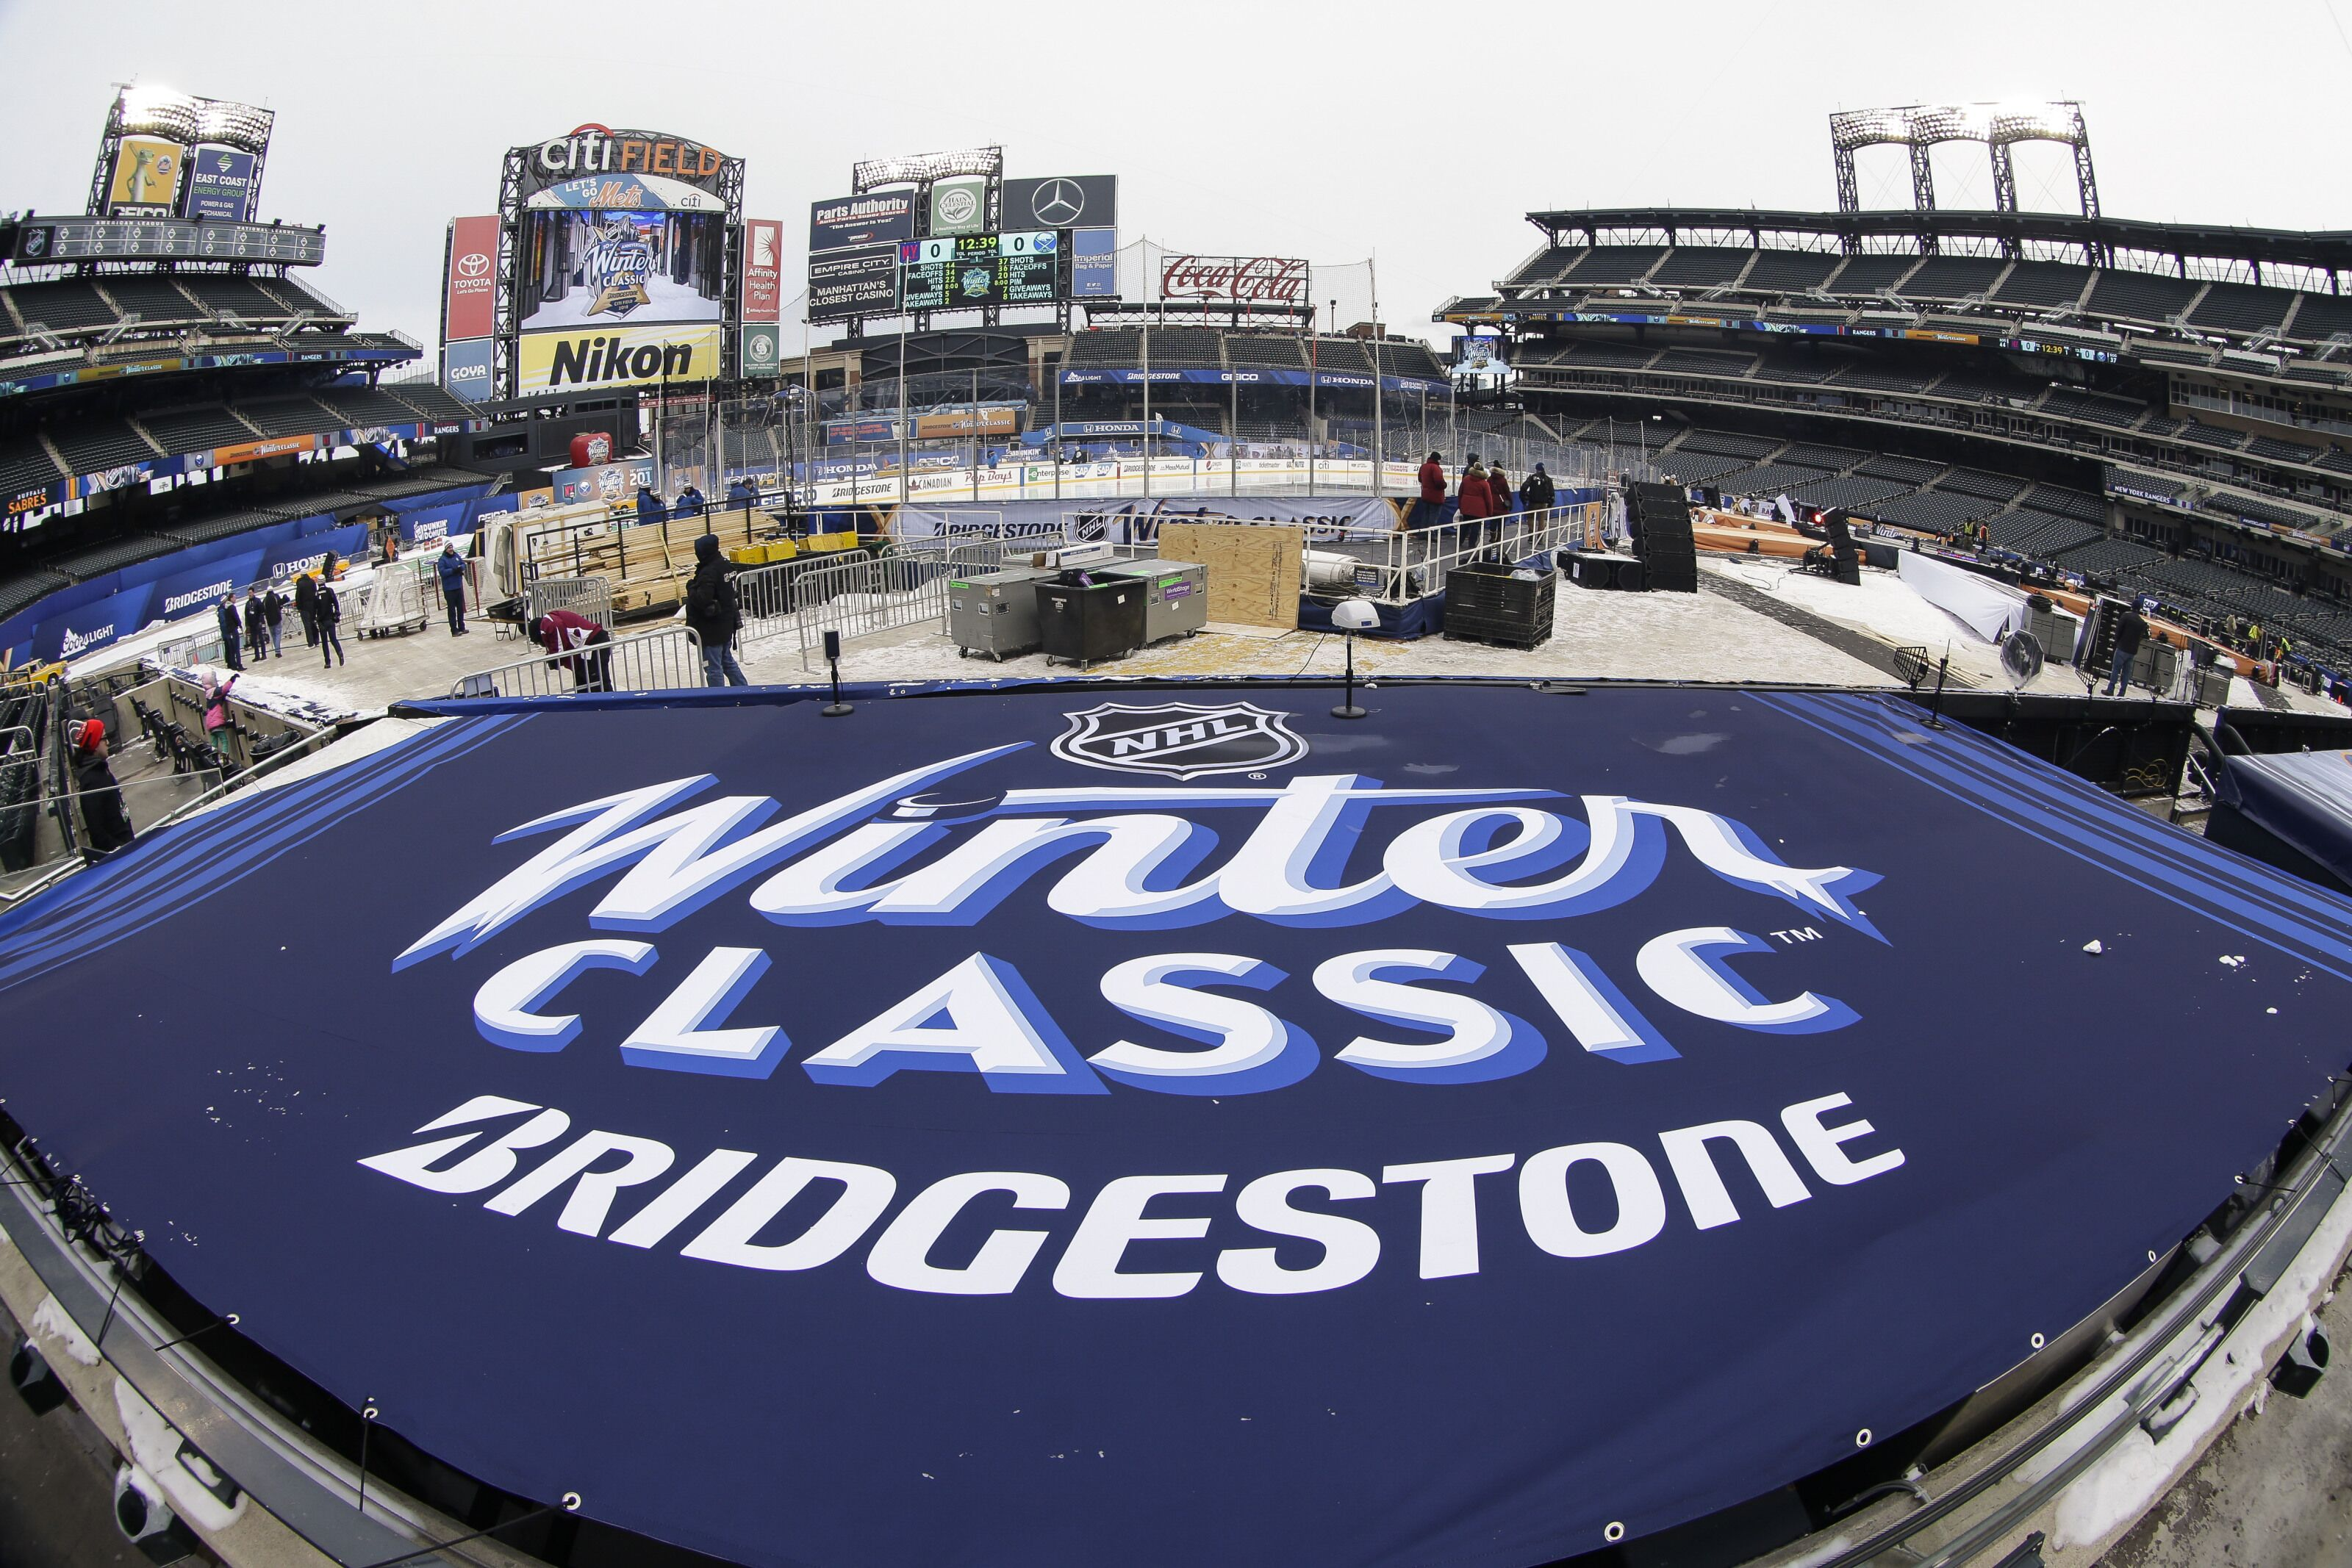 15 venues that should host a future NHL Winter Classic 226d93b7c